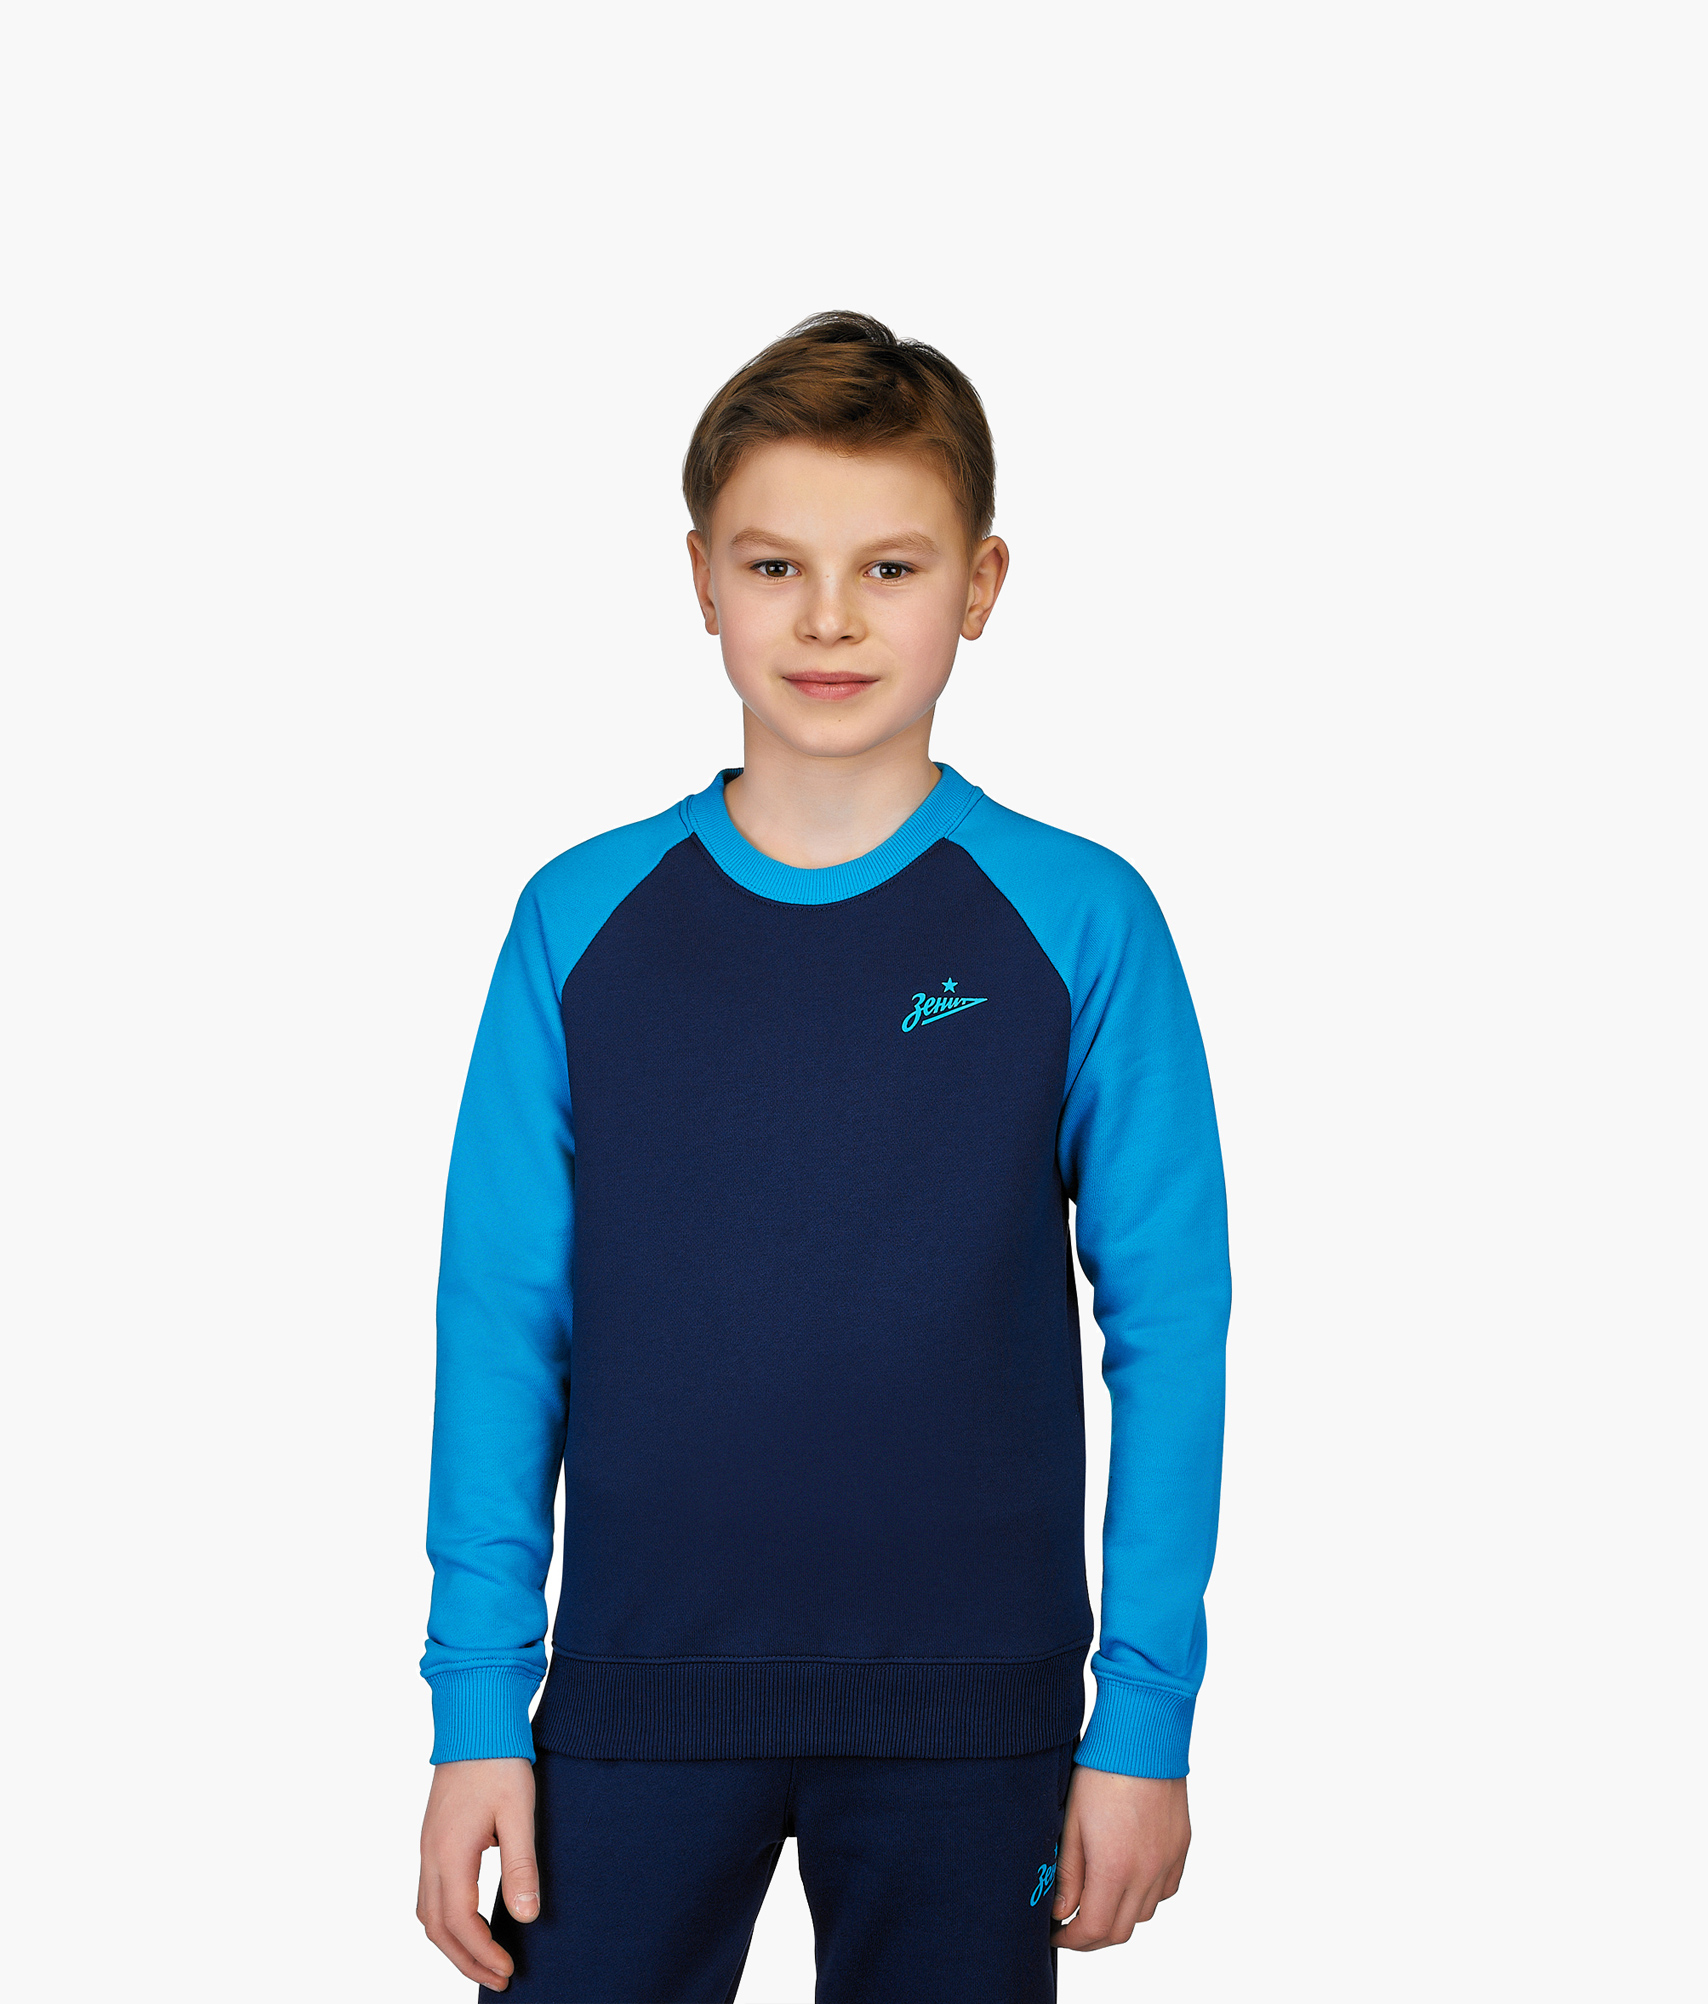 Свитшот подростковый Зенит Цвет-Синий-Лазурный шорты детские зенит цвет синий